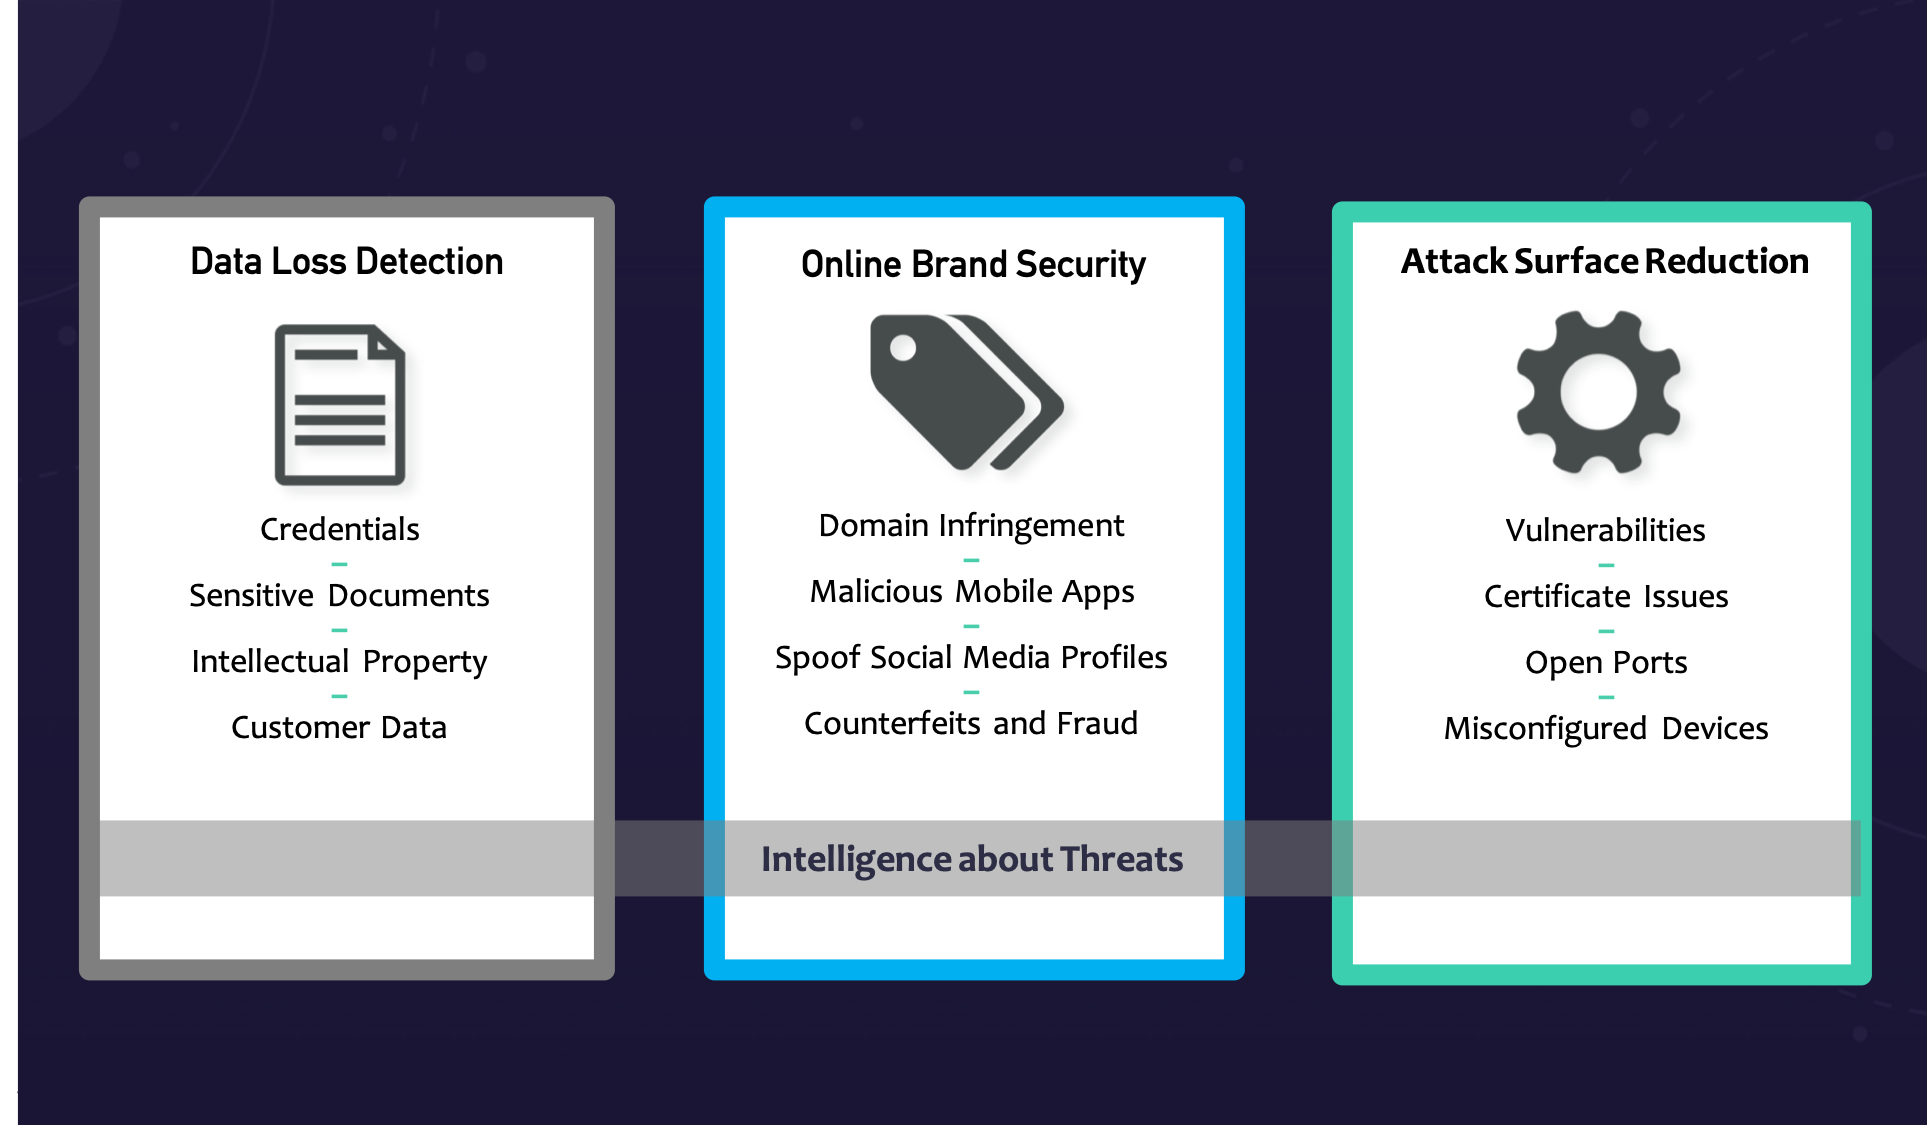 Digital Risk Protection pillars